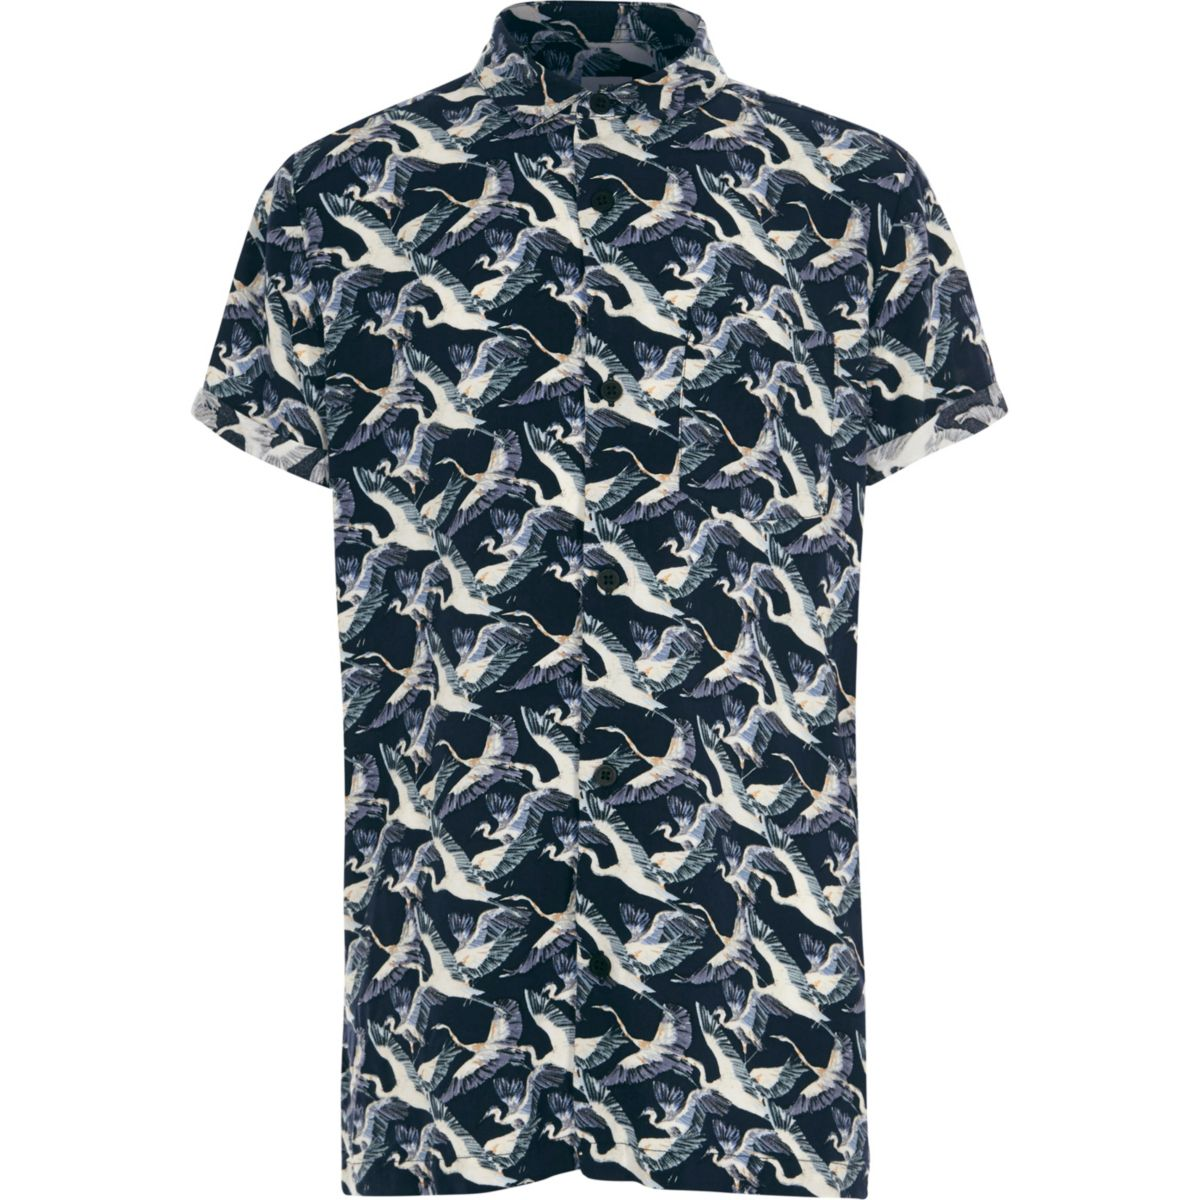 Chemise bleu marine à imprimé grues et manches courtes pour garçon